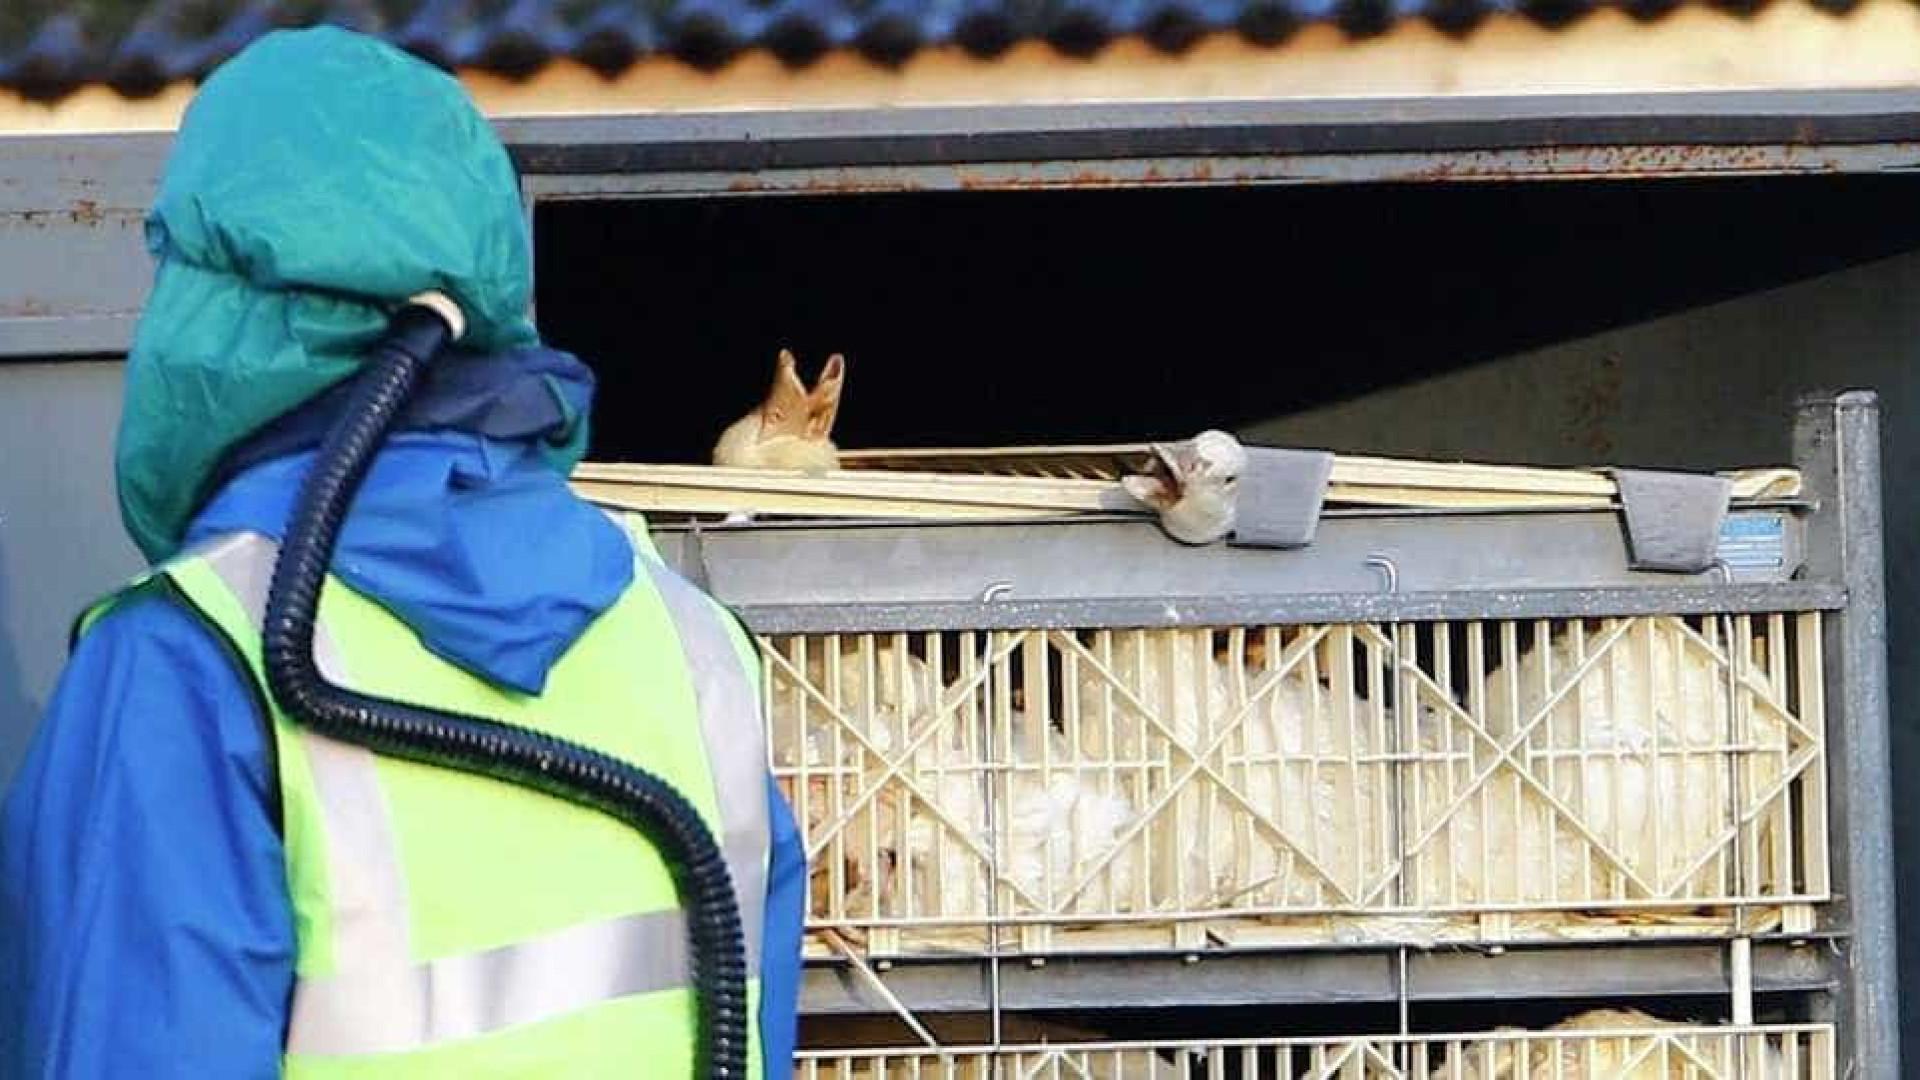 China registra surto de gripe aviária